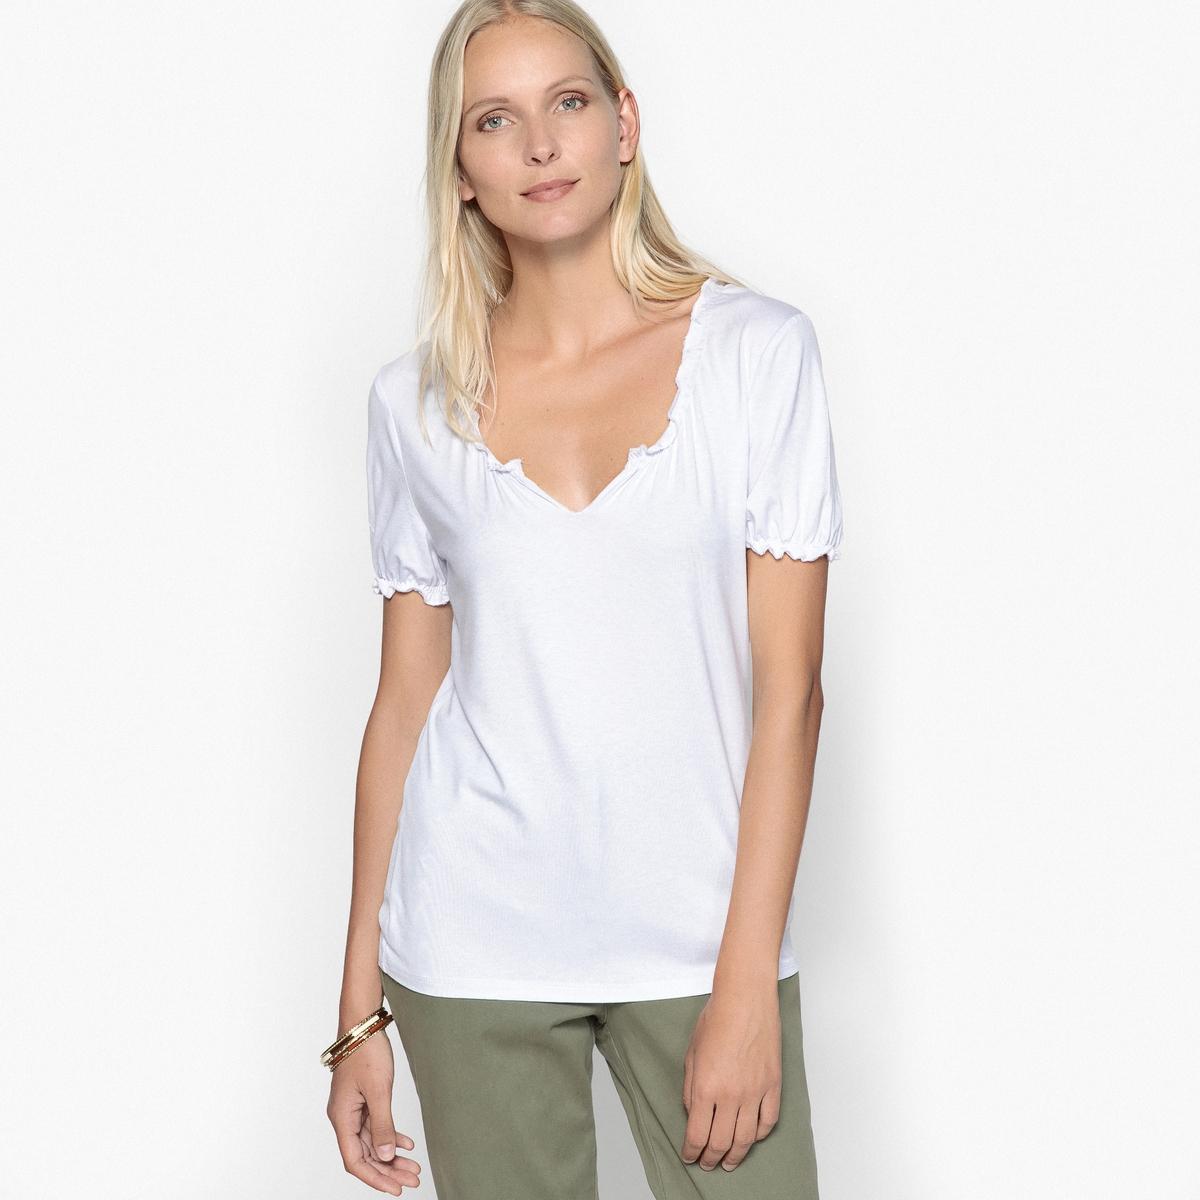 Футболка оригинальная из мягкого трикотажаОписание:Оригинальная футболка. Выбирайте эту футболку из эластичного джерси и наслаждайтесь мягким трикотажем, комфортным и женственным.Детали •  Короткие рукава •  Круглый вырезСостав и уход •  95% вискозы, 5% эластана •  Следуйте рекомендациям по уходу, указанным на этикетке изделия •  Оригинальный вырез и короткие рукава со сборками и воланами. •  Длина  : 65 см<br><br>Цвет: белый,бирюзовый,темно-синий<br>Размер: 42/44 (FR) - 48/50 (RUS).38/40 (FR) - 44/46 (RUS).50/52 (FR) - 56/58 (RUS).46/48 (FR) - 52/54 (RUS).42/44 (FR) - 48/50 (RUS).46/48 (FR) - 52/54 (RUS).38/40 (FR) - 44/46 (RUS).50/52 (FR) - 56/58 (RUS).46/48 (FR) - 52/54 (RUS).42/44 (FR) - 48/50 (RUS).38/40 (FR) - 44/46 (RUS)